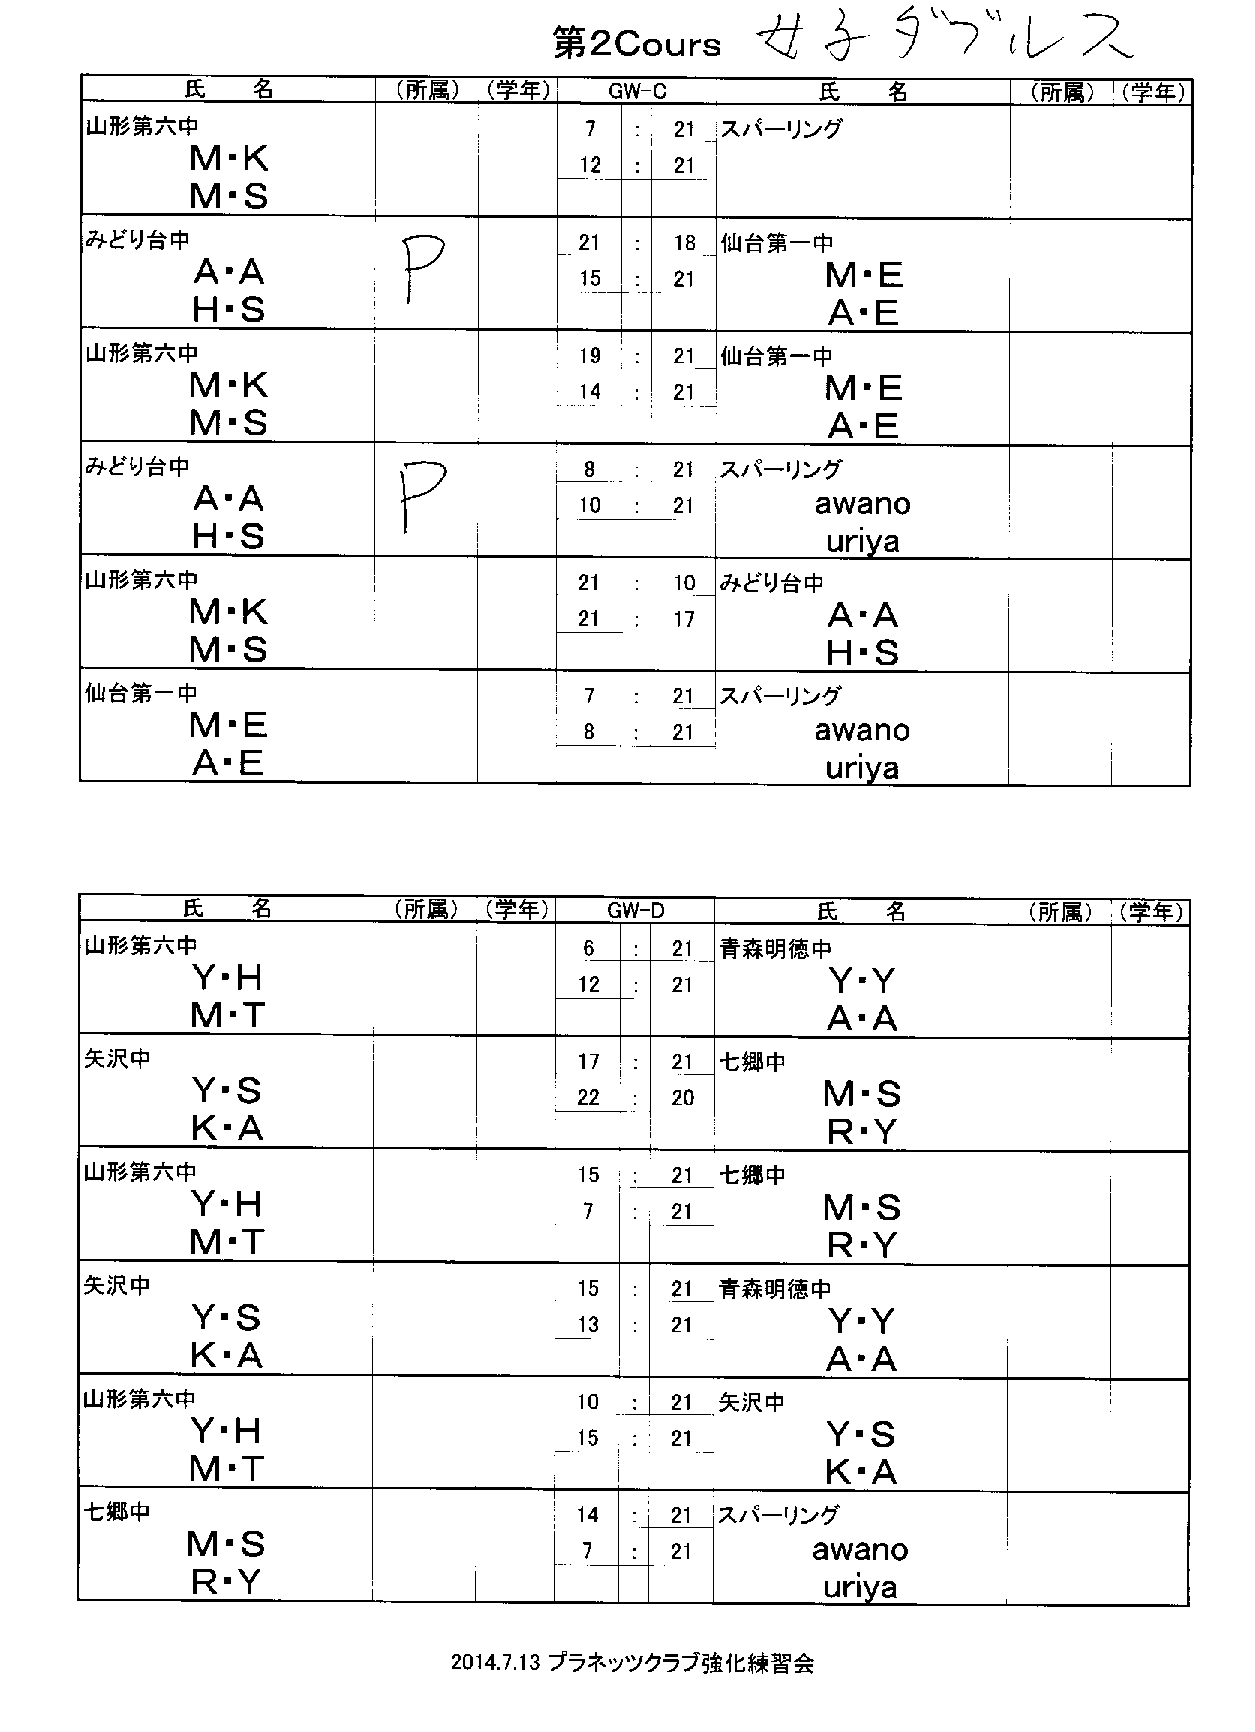 強化練習会第二クルー結果_f0236646_152313.png